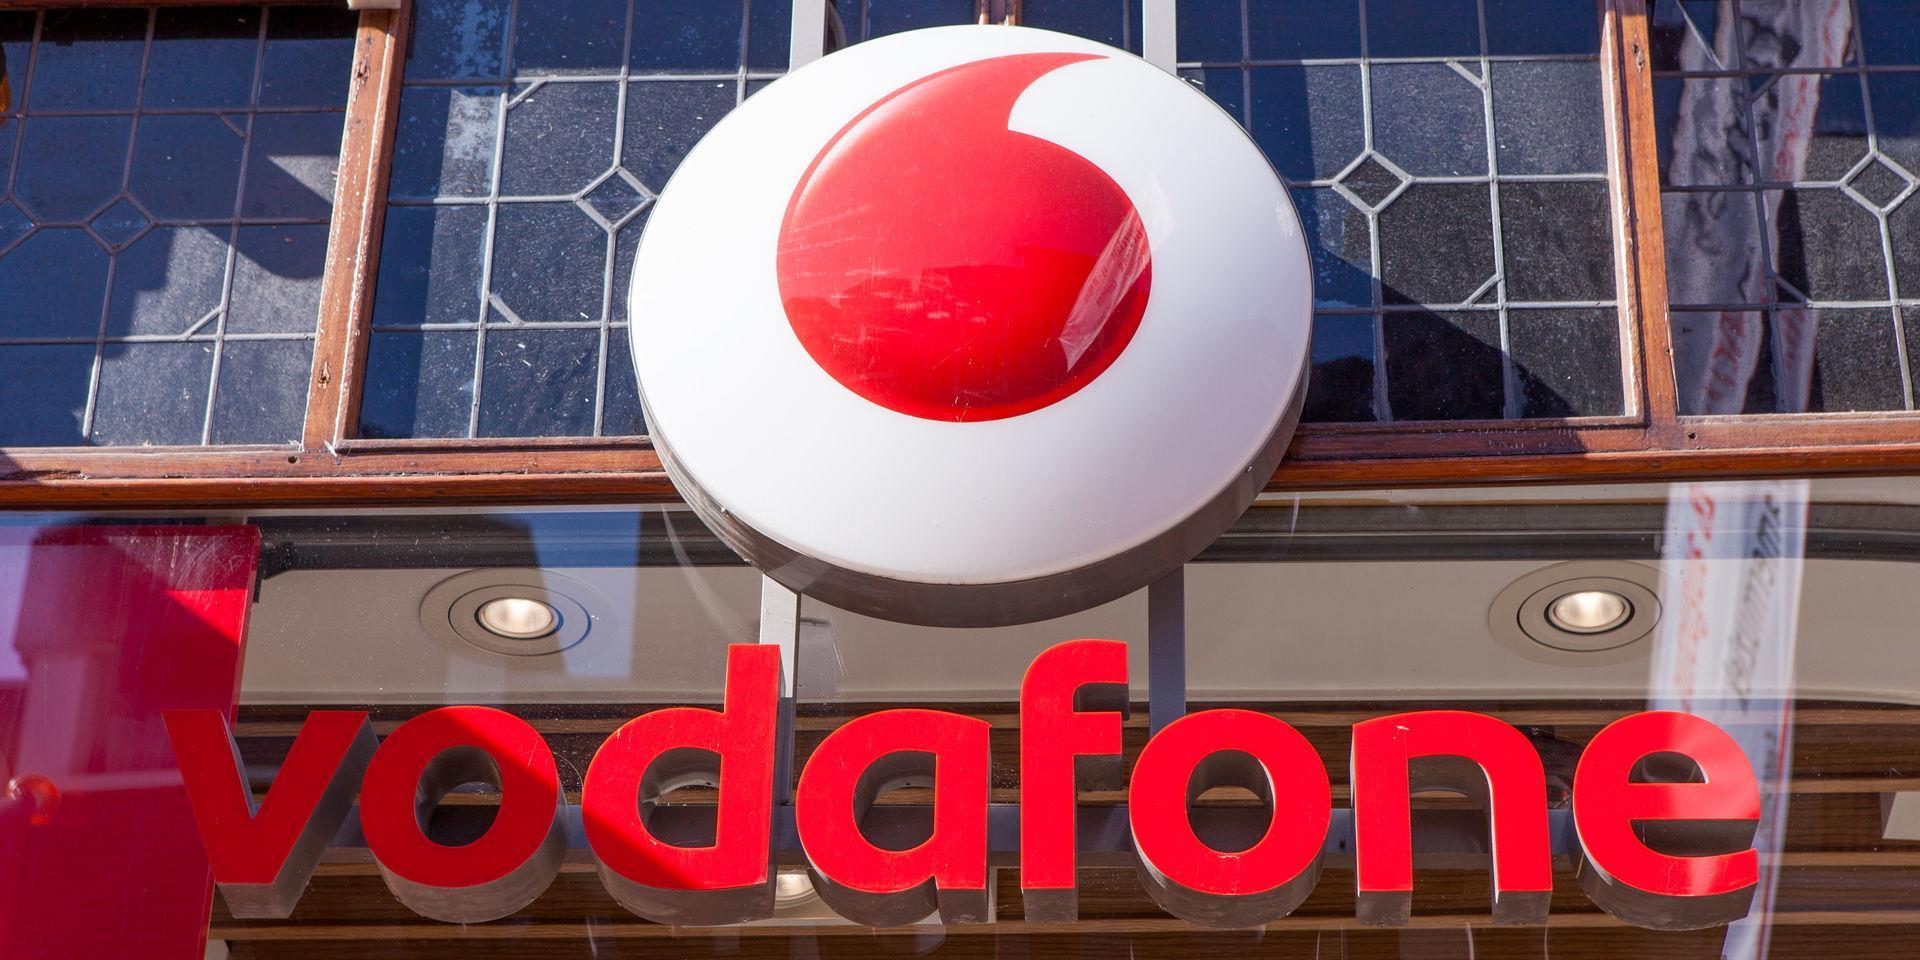 沃達豐德國公司完成13個聯邦州網絡升級